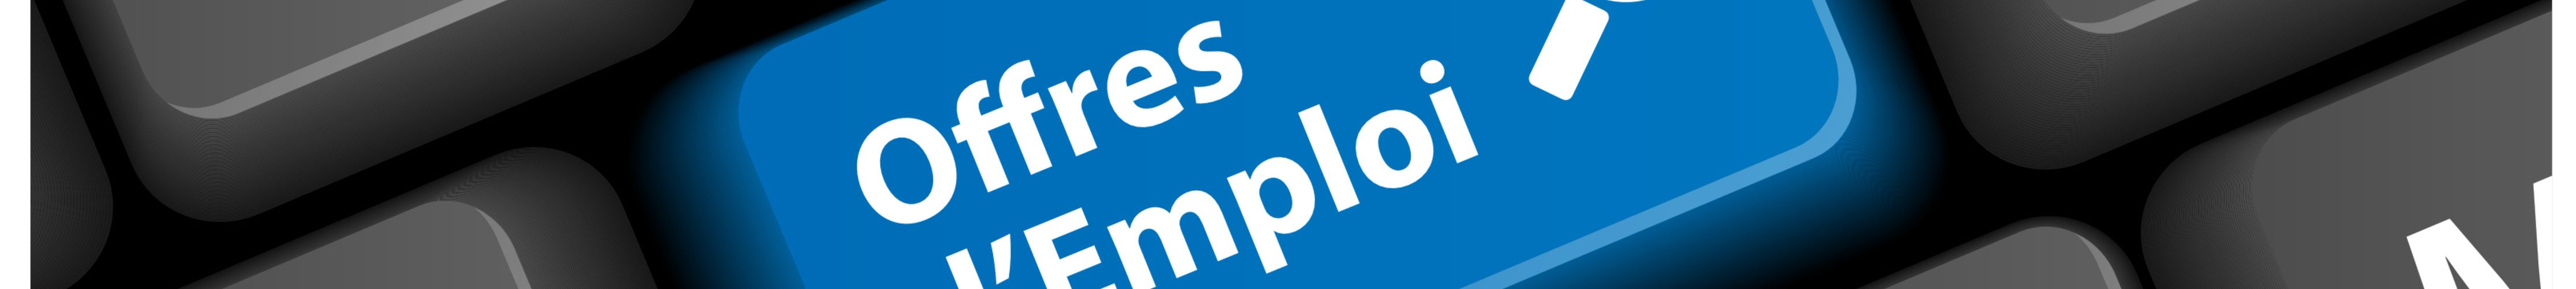 image offres-d-emploi